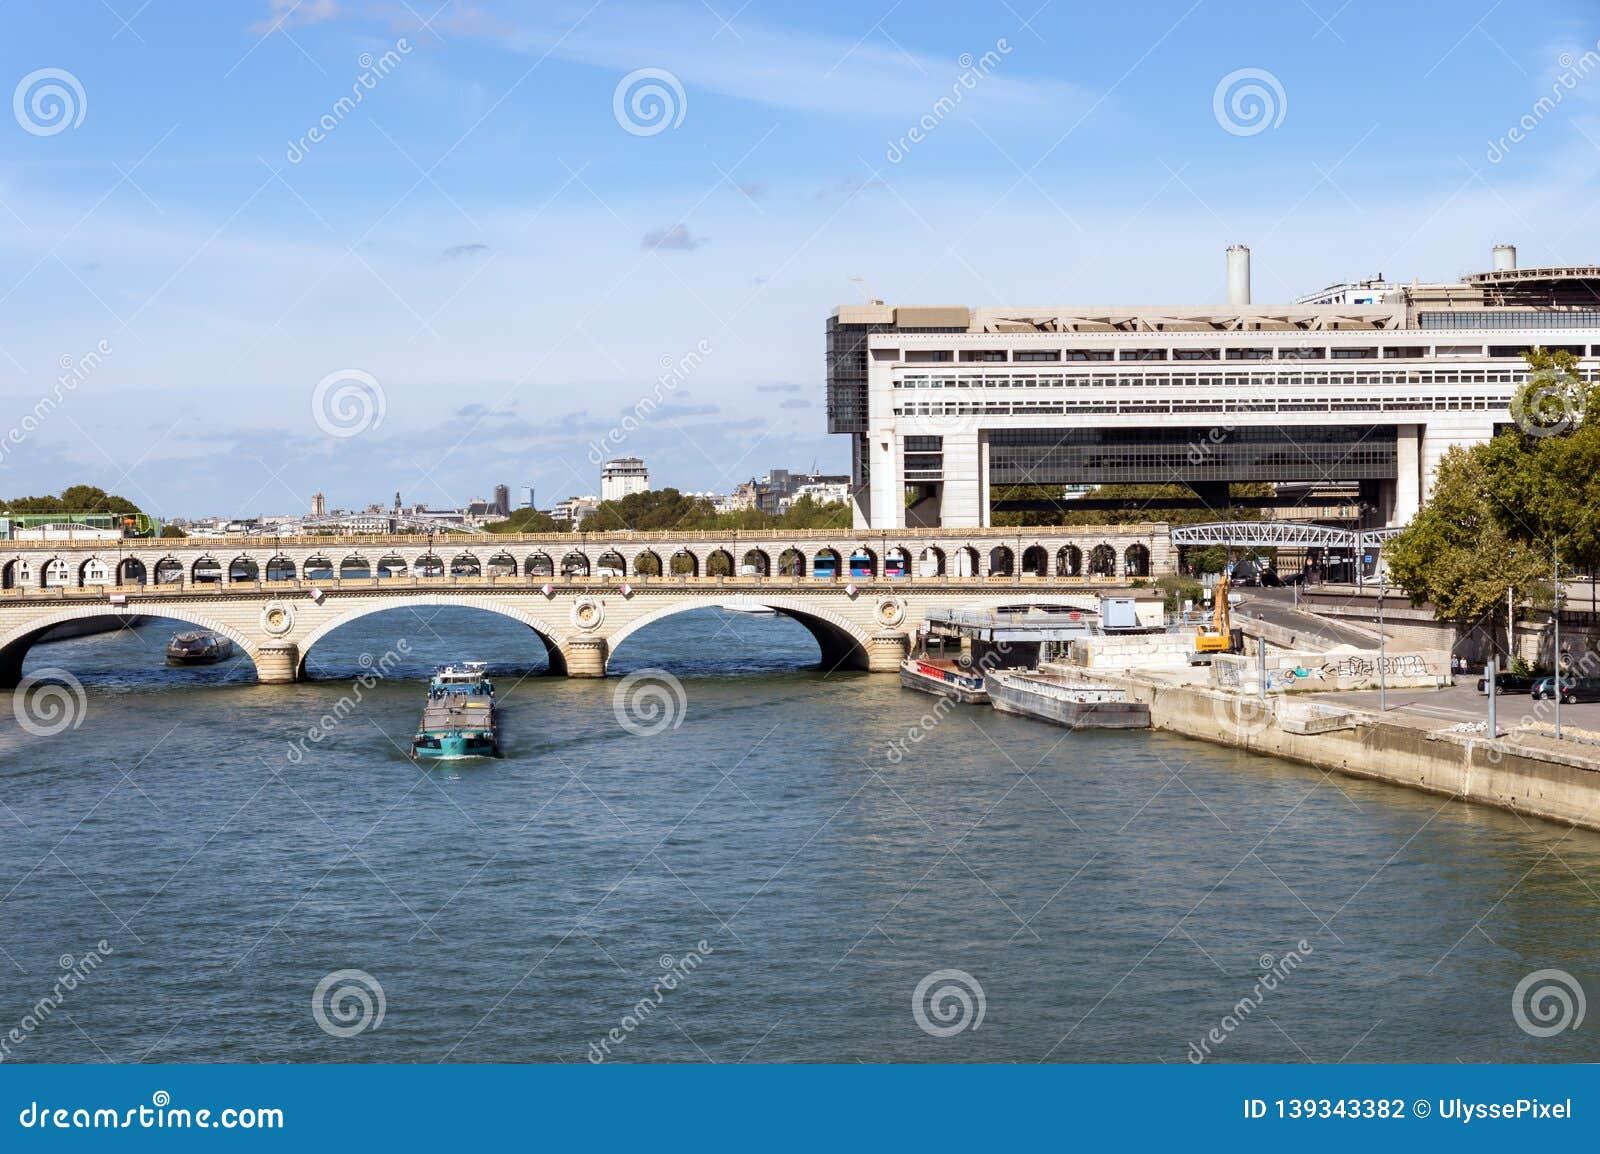 Paris Bercy Seine